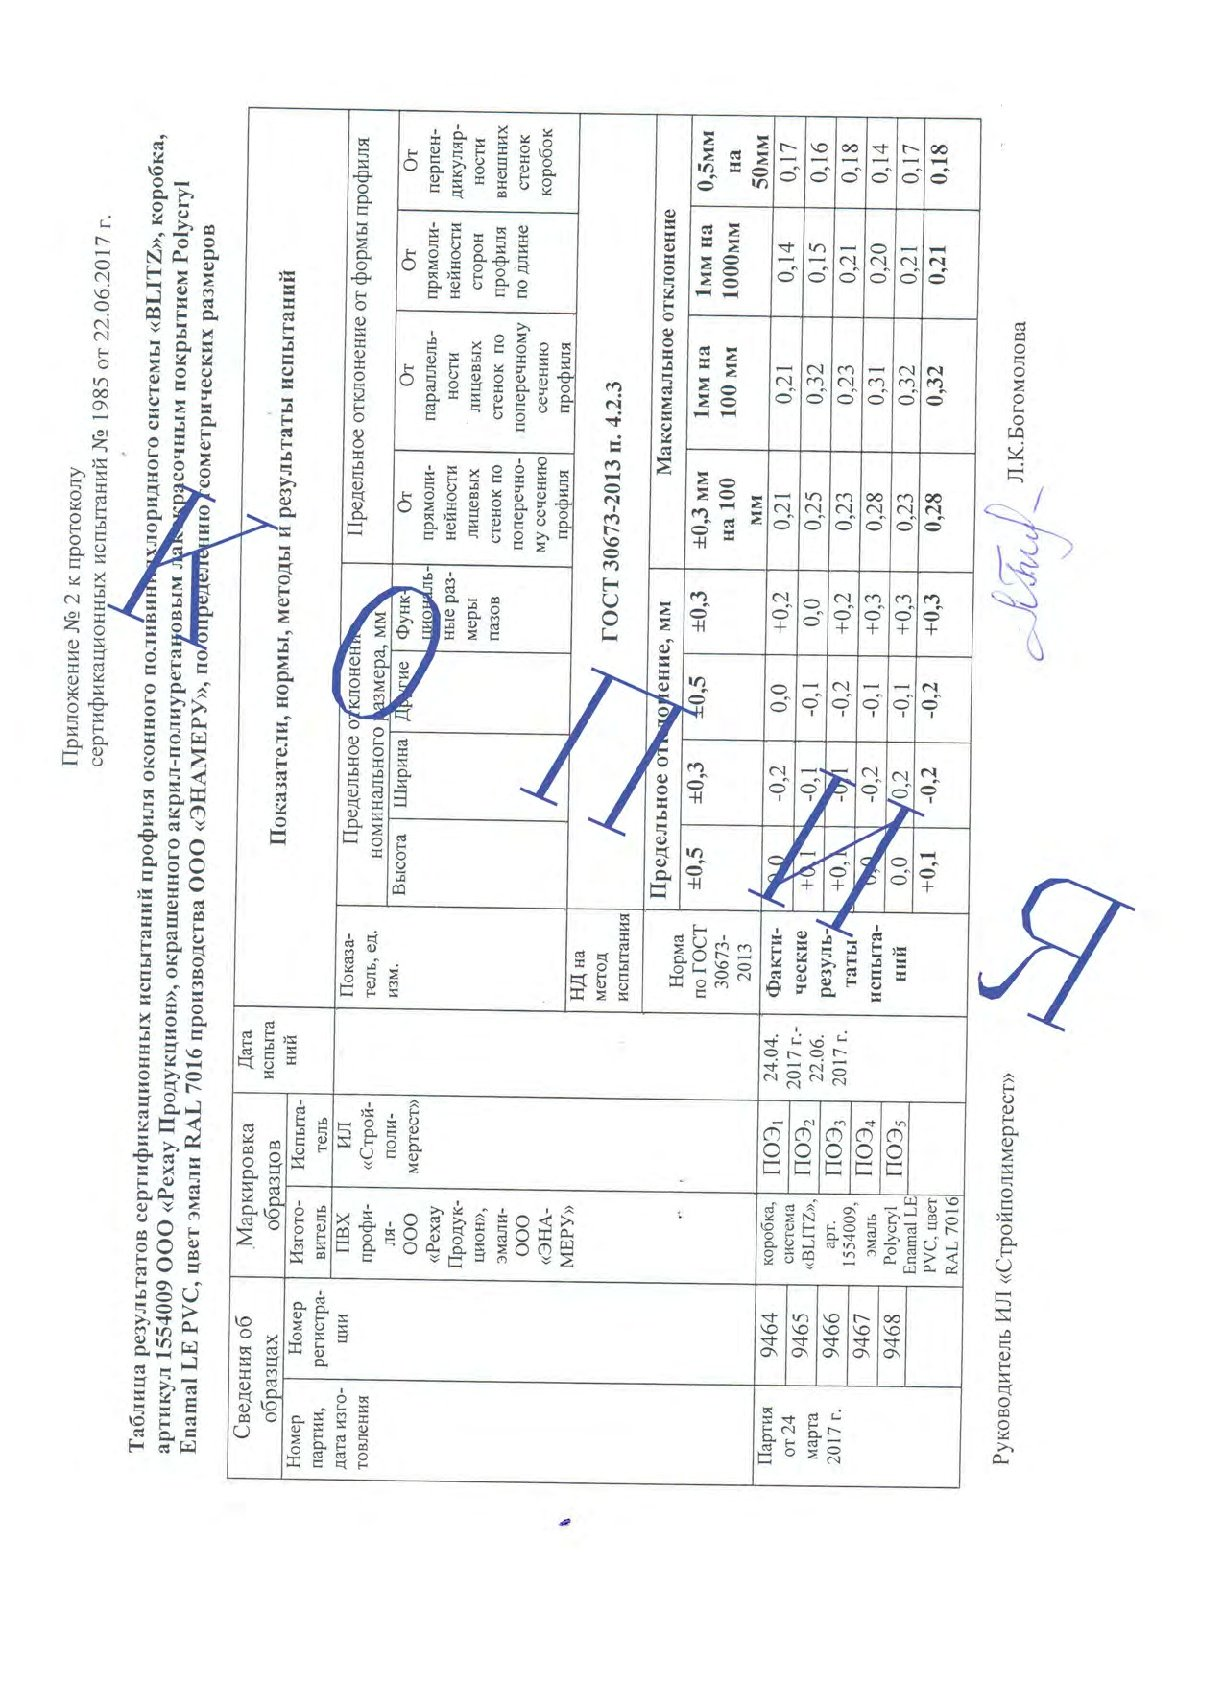 enameru-gost-30973-rehau-copy-006